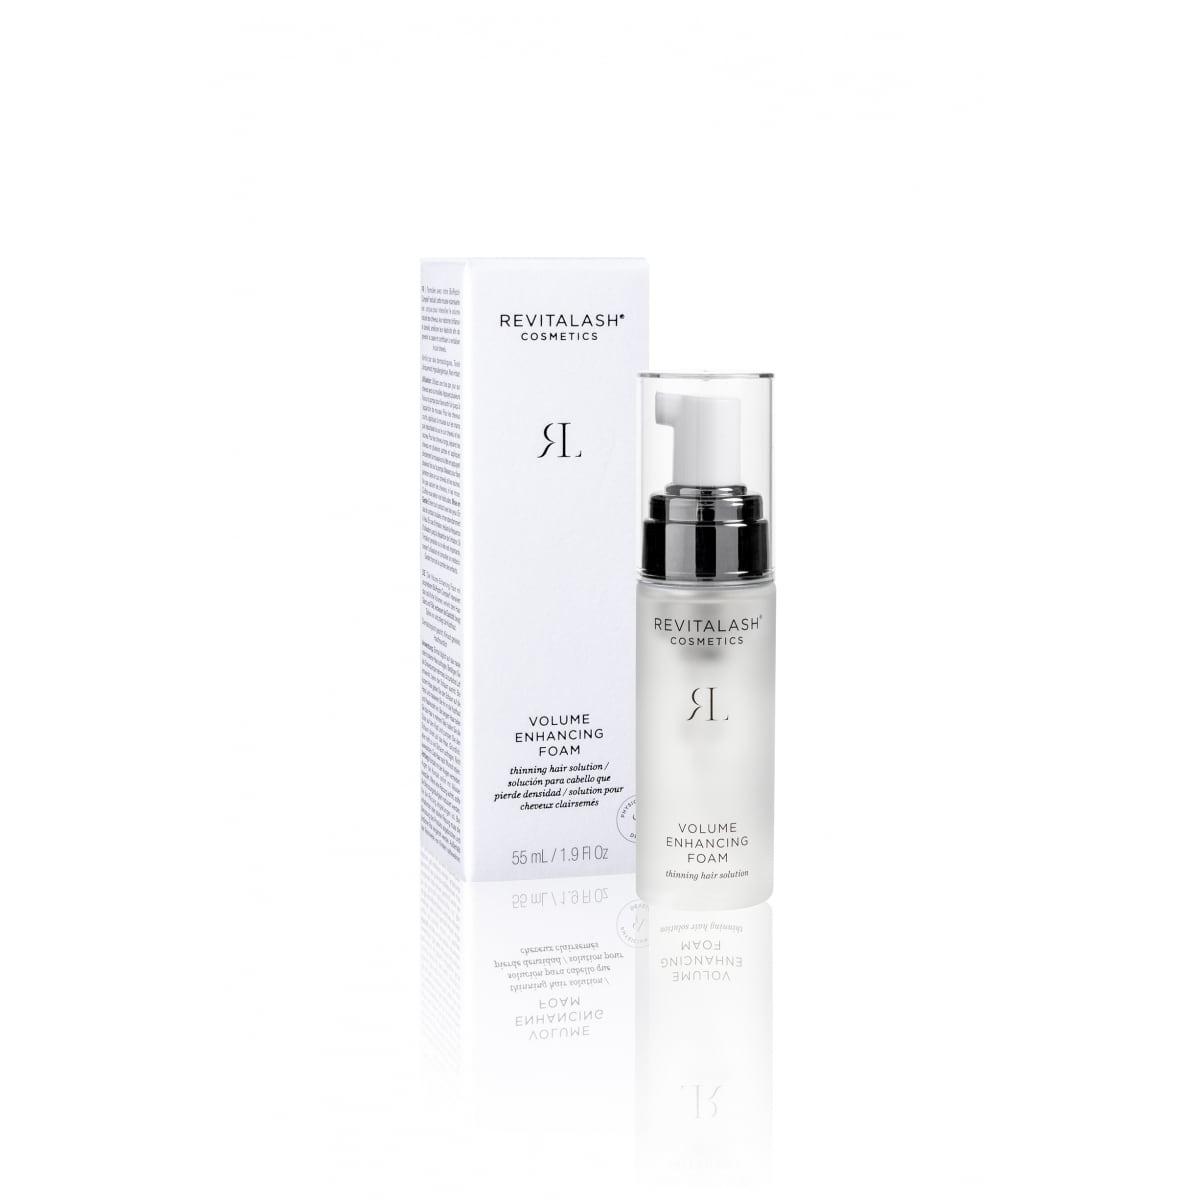 Soins capillaires - MOUSSE CHEVEUX ANTI CHUTE  REVITALASH (55 ml)